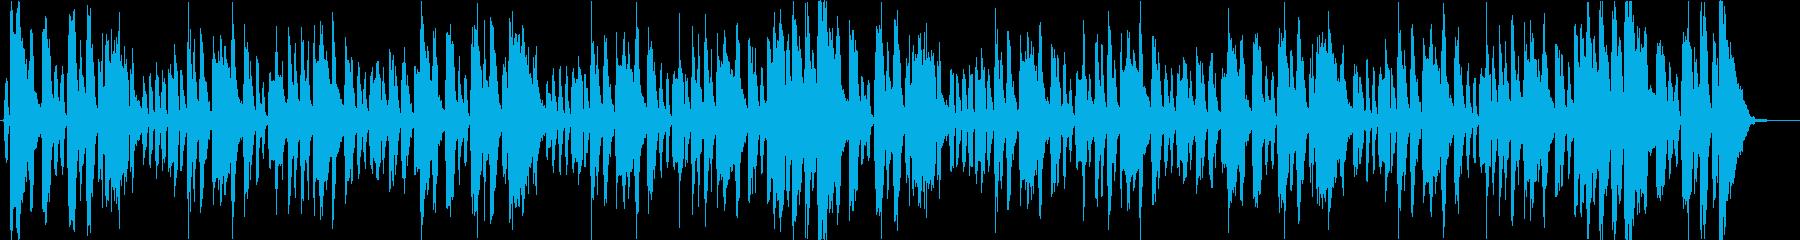 トランペットのファンキーなジングルの再生済みの波形